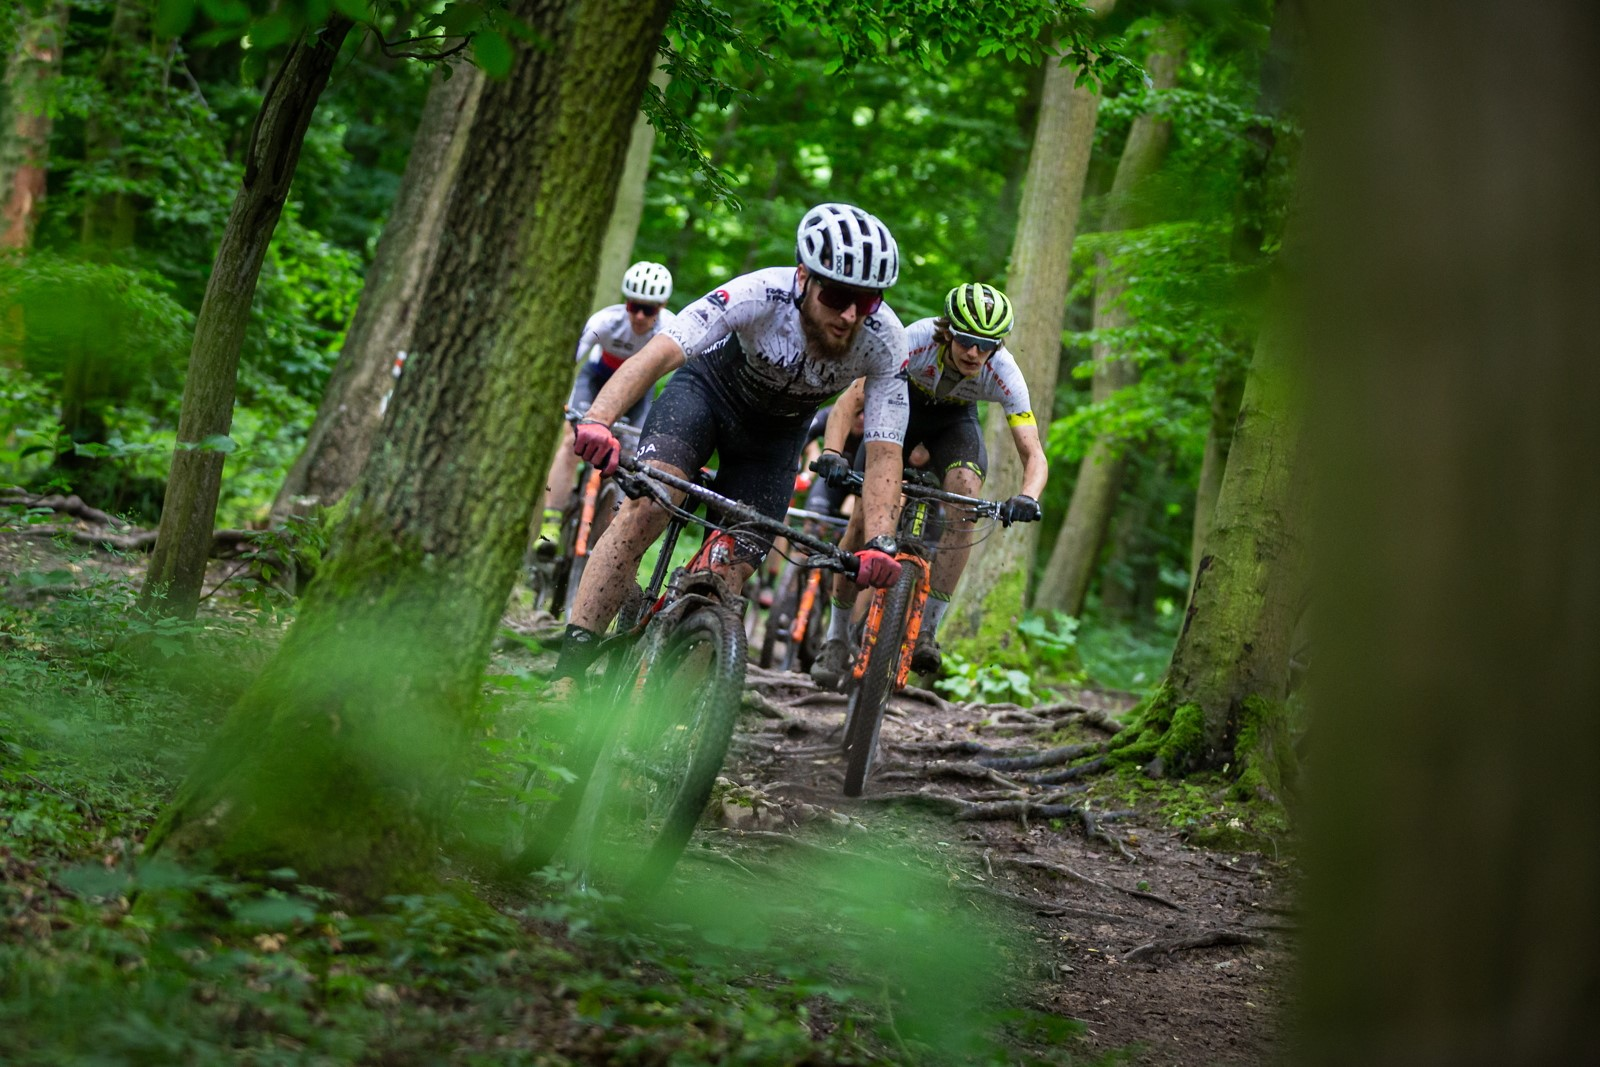 Na finále výzvy Třináct kopců dorazili téměř všichni, kdo se kvalifikovali. Foto: Michal Červený